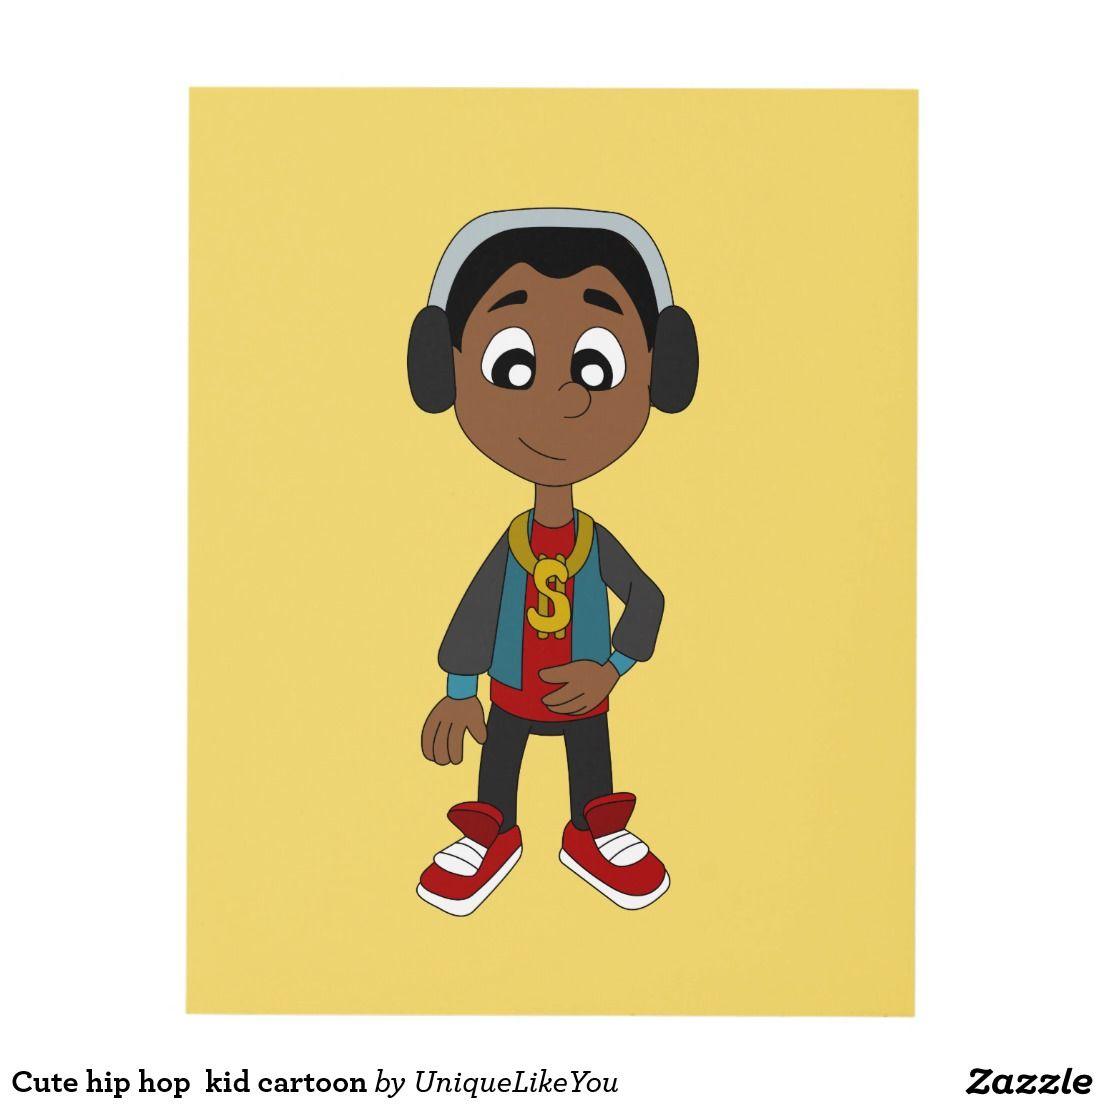 Cute hip hop kid cartoon panel wall art   Gifts for Kids   Pinterest ...